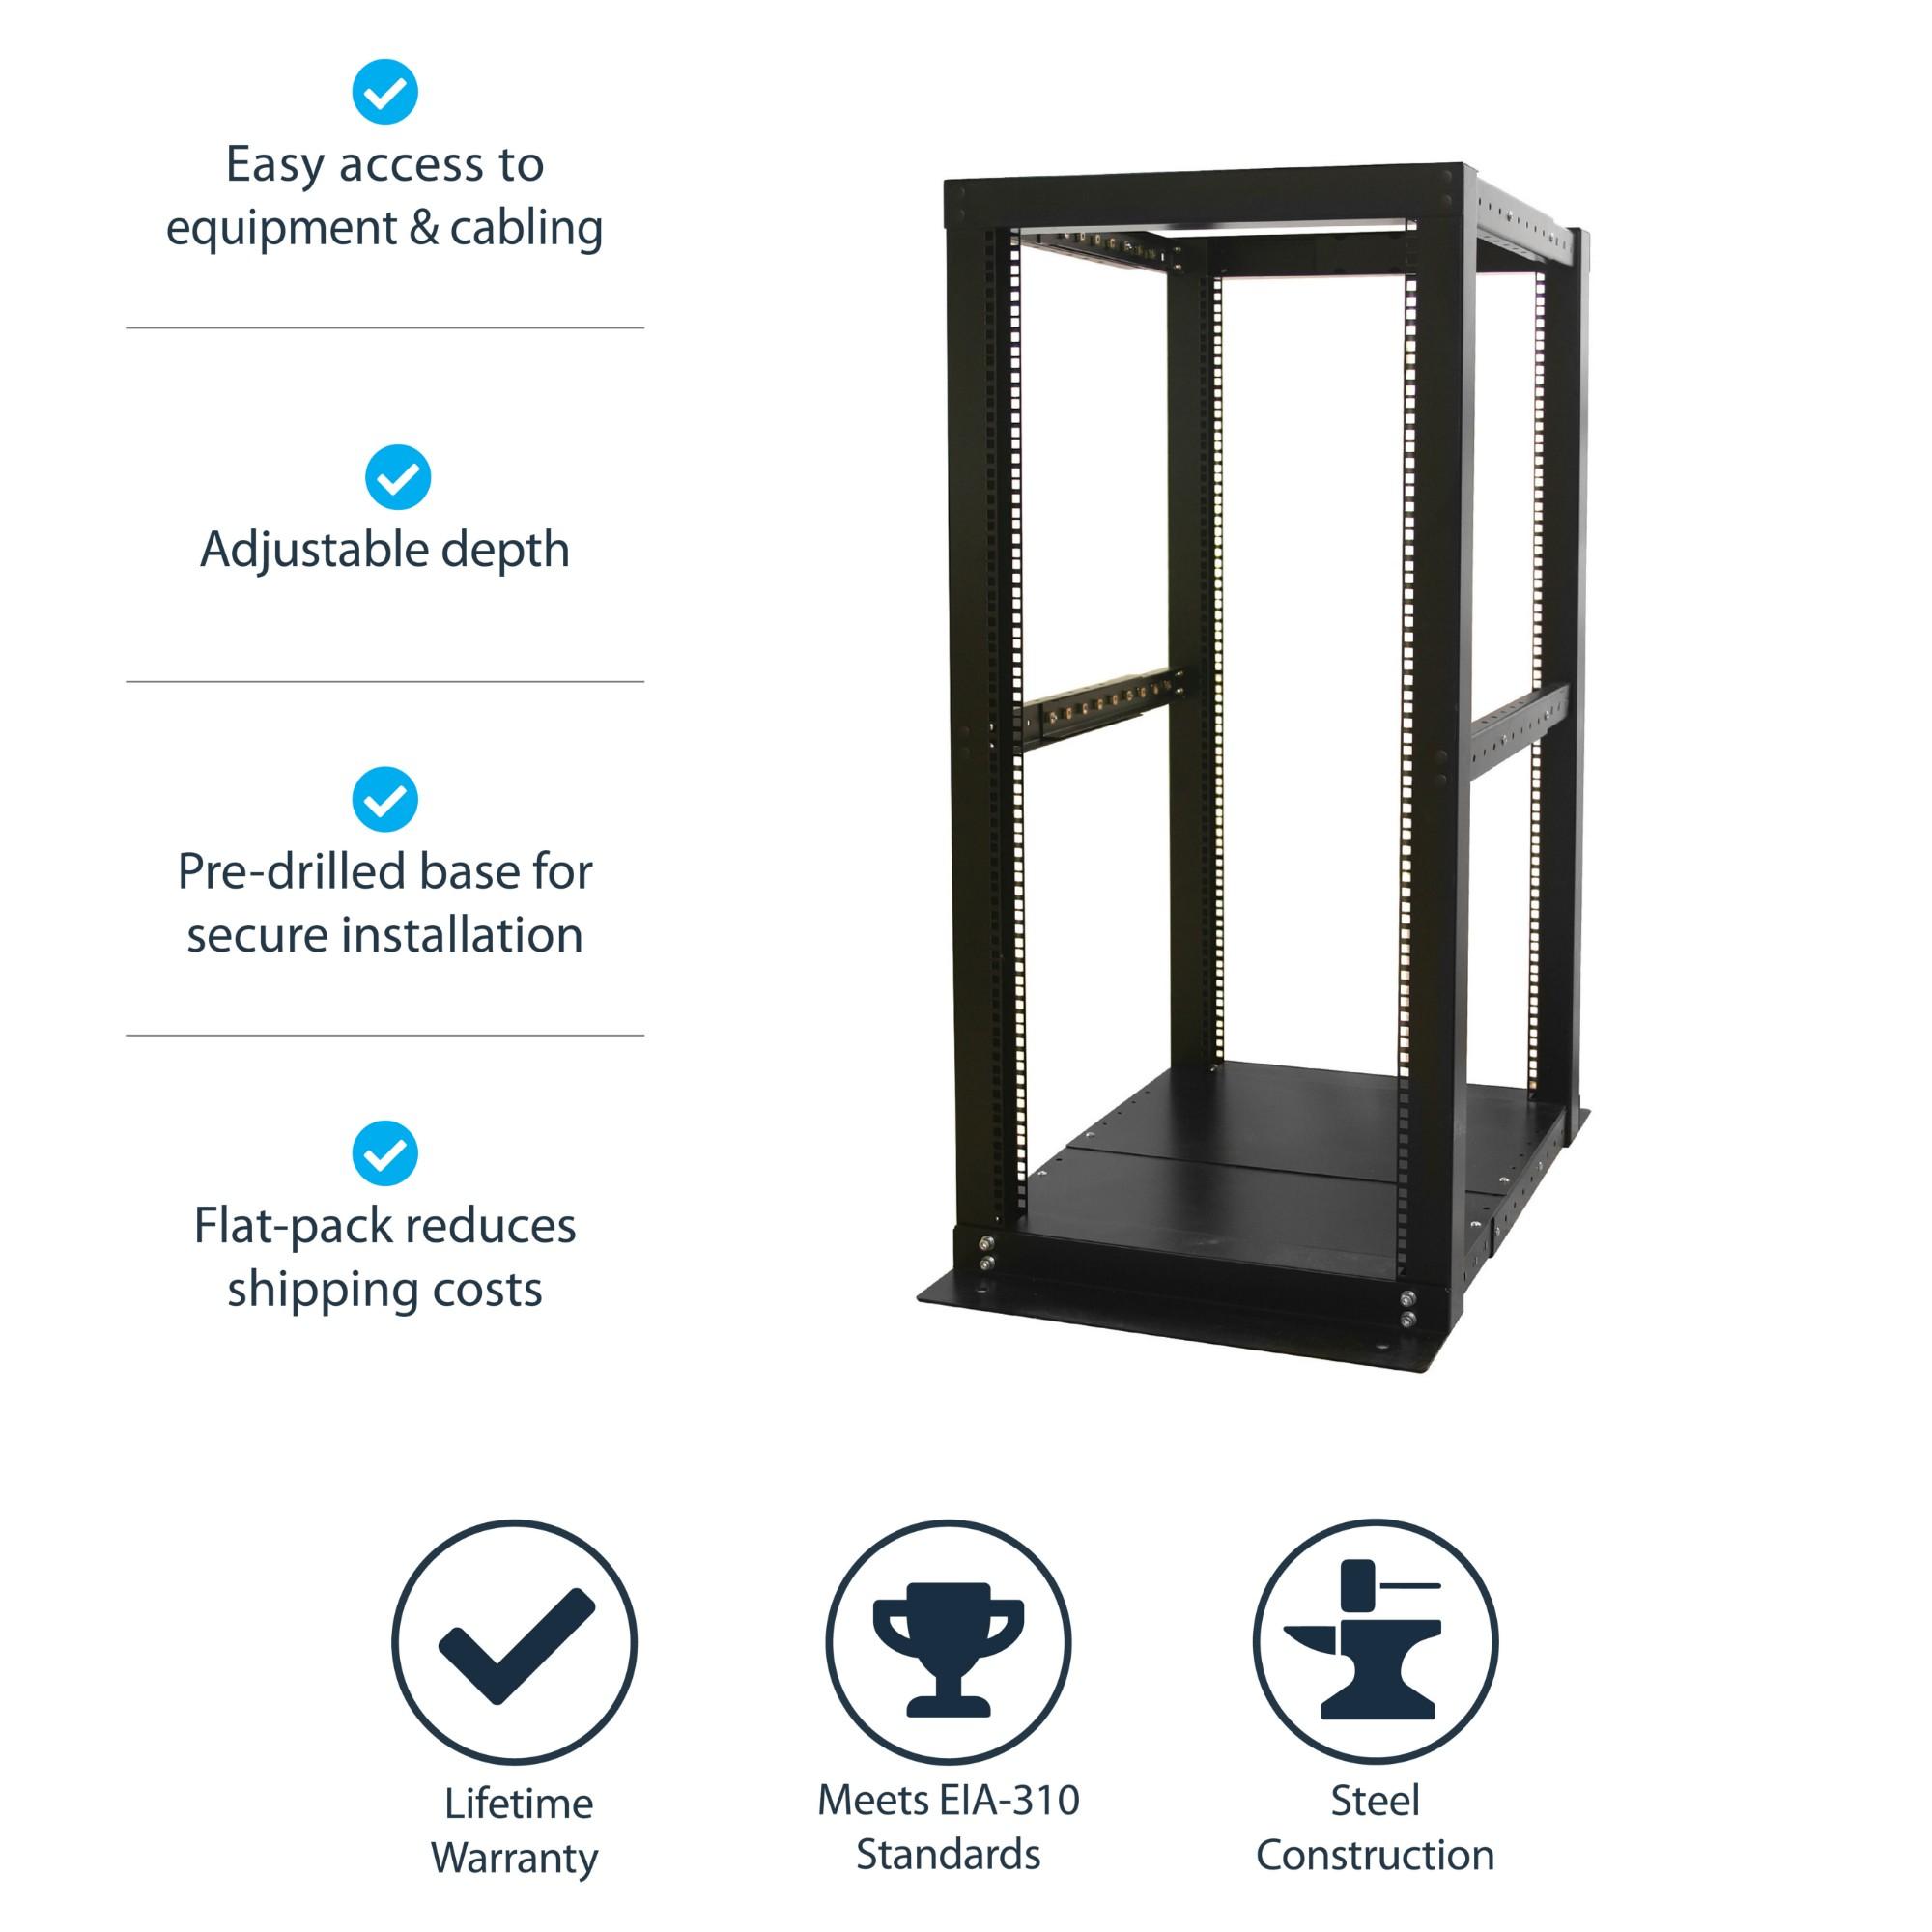 Startech Com 25u Adjustable Depth 4 Post Open Frame Server Rack Cabinet